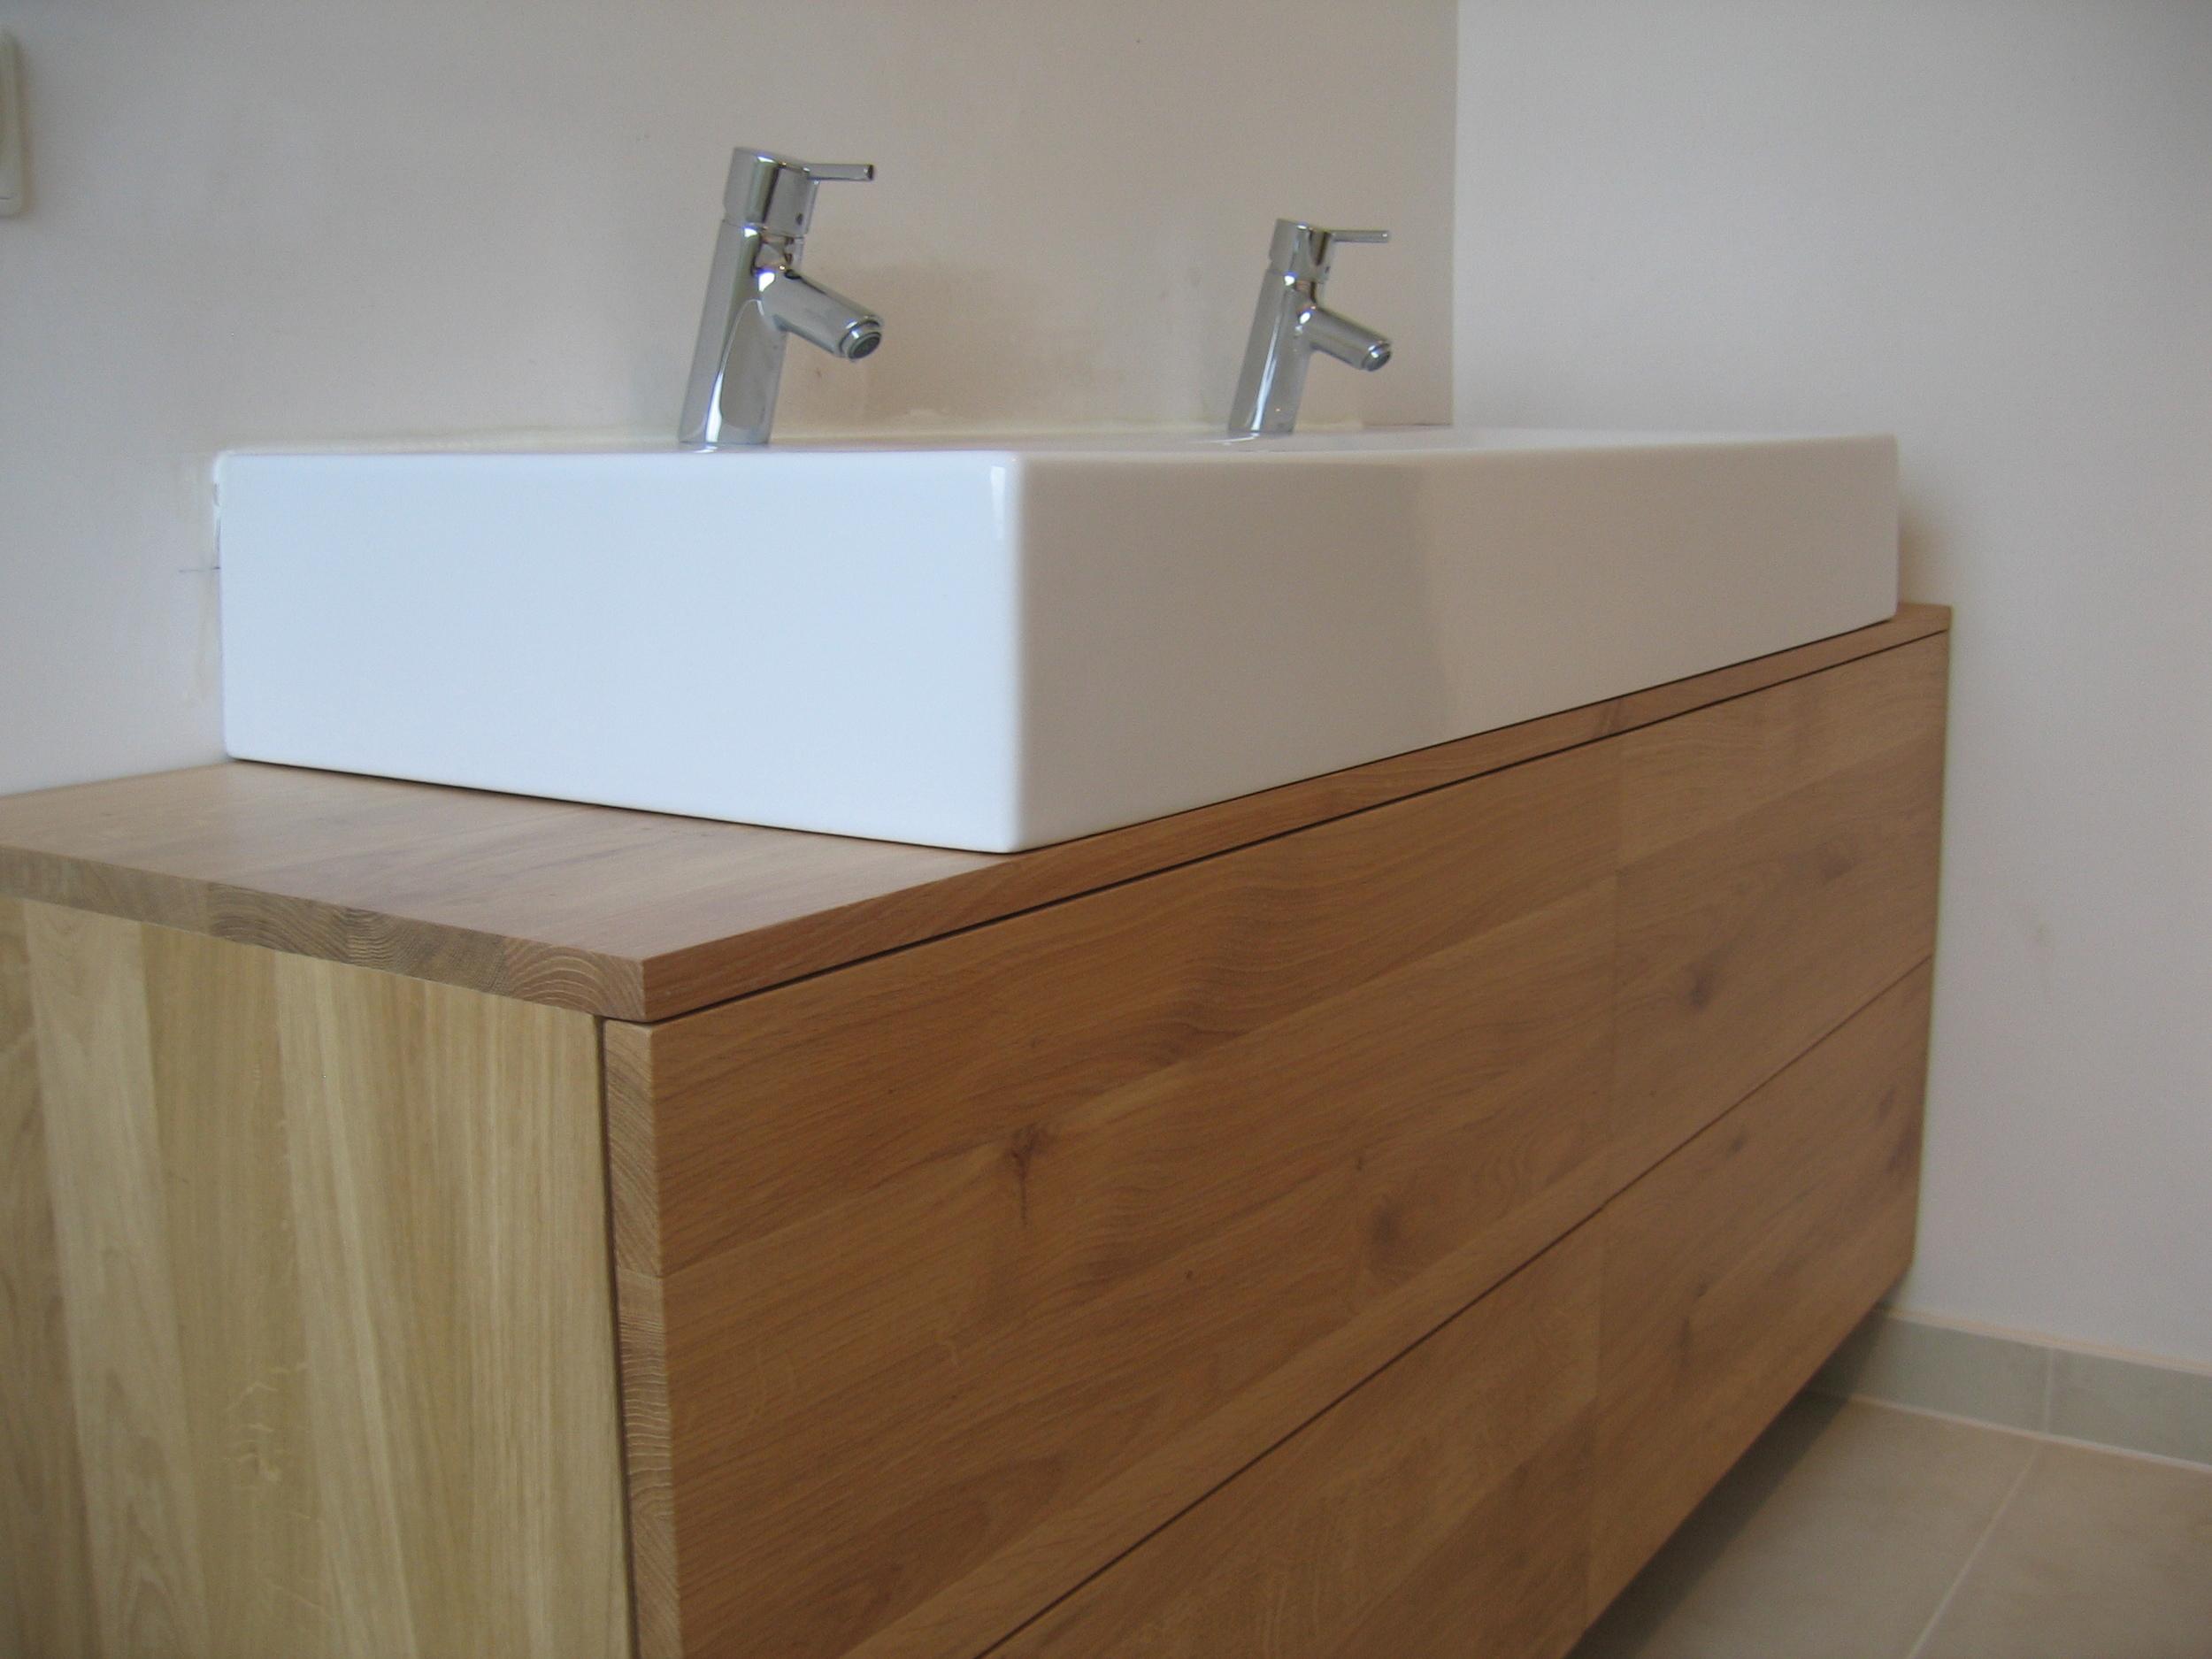 badkamermeubel met witte keramische wastafel (opbouw)